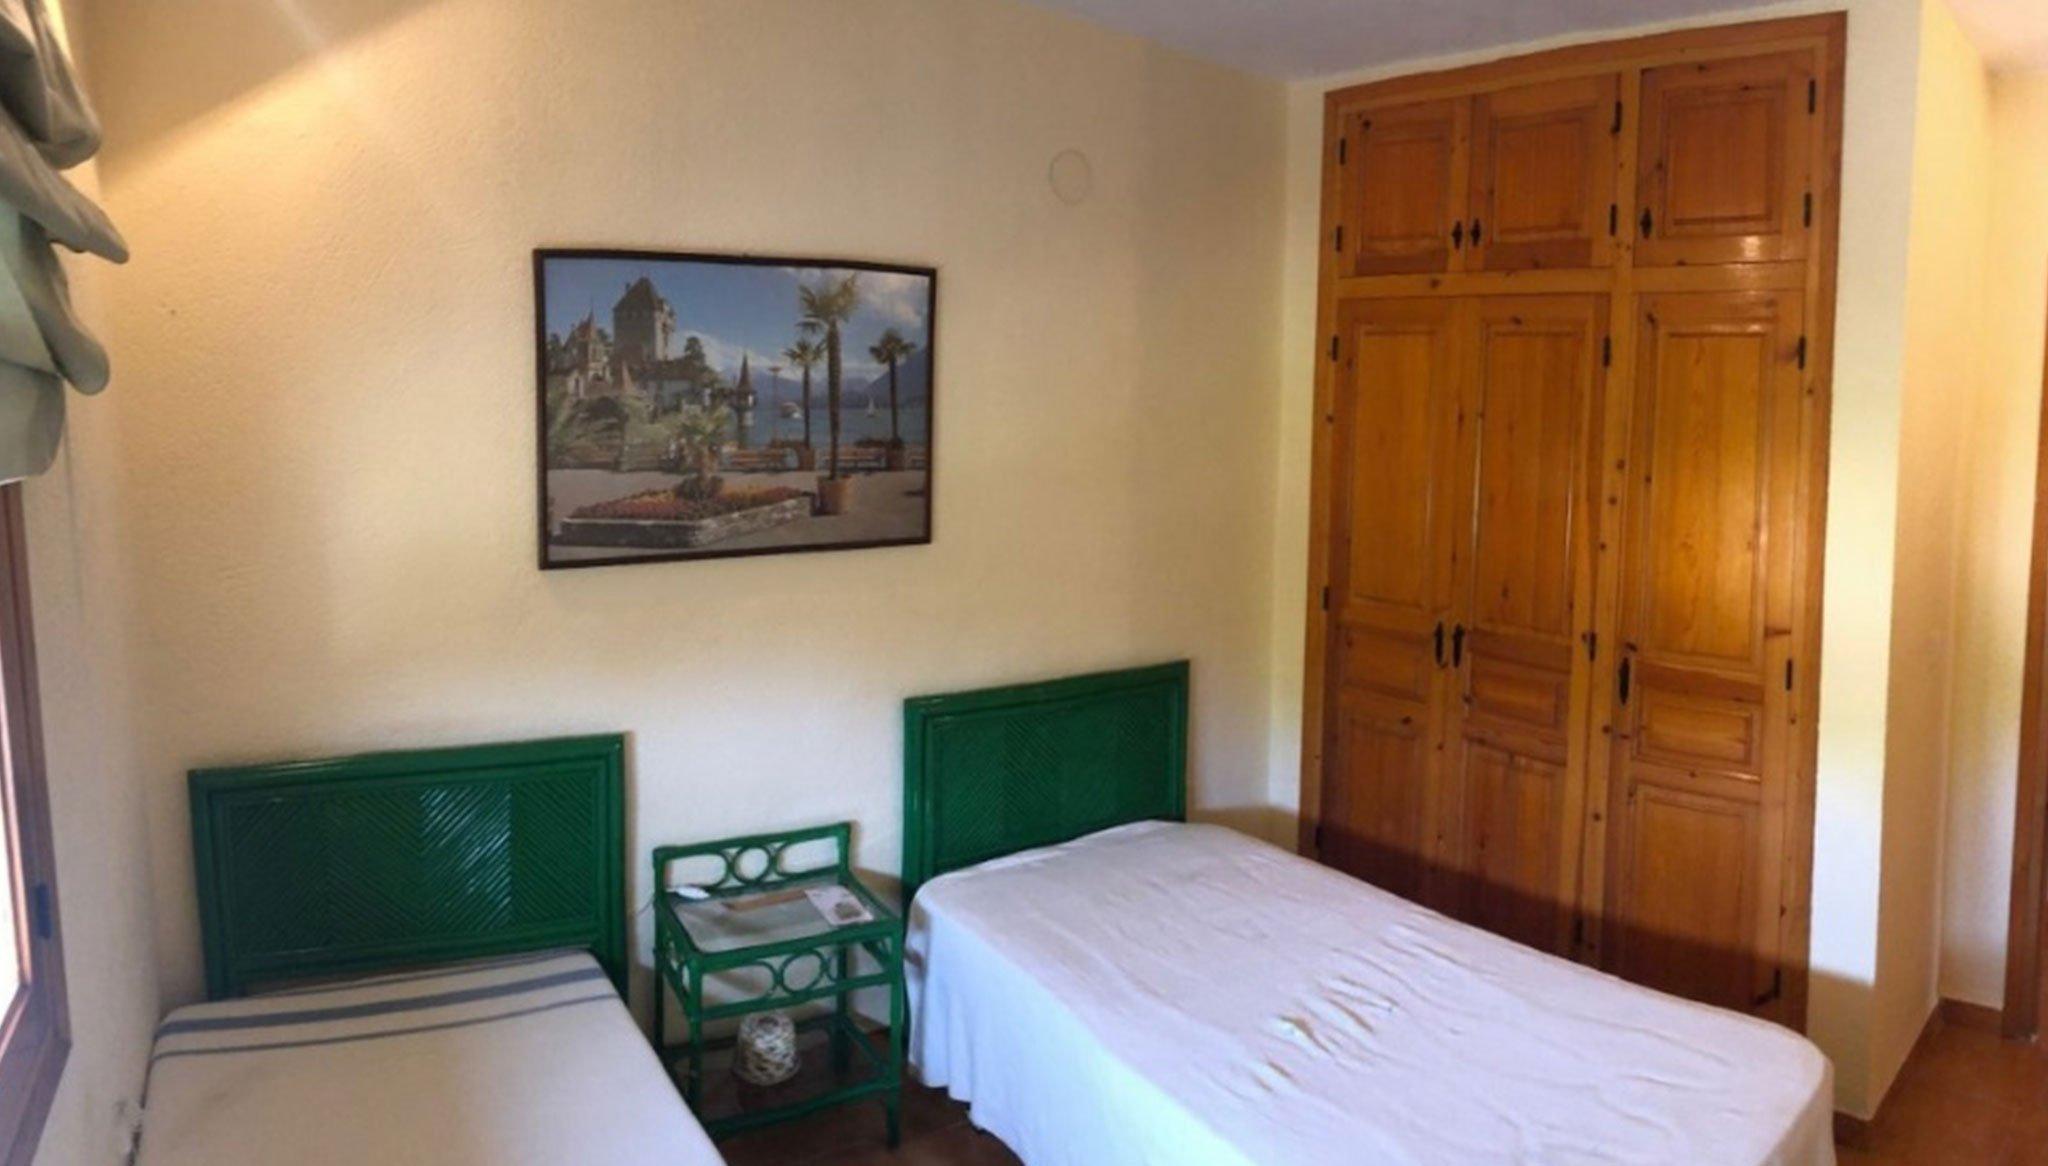 Dormitorio de un chalet en venta en Gata de Gorgos – Terramar Costa Blanca